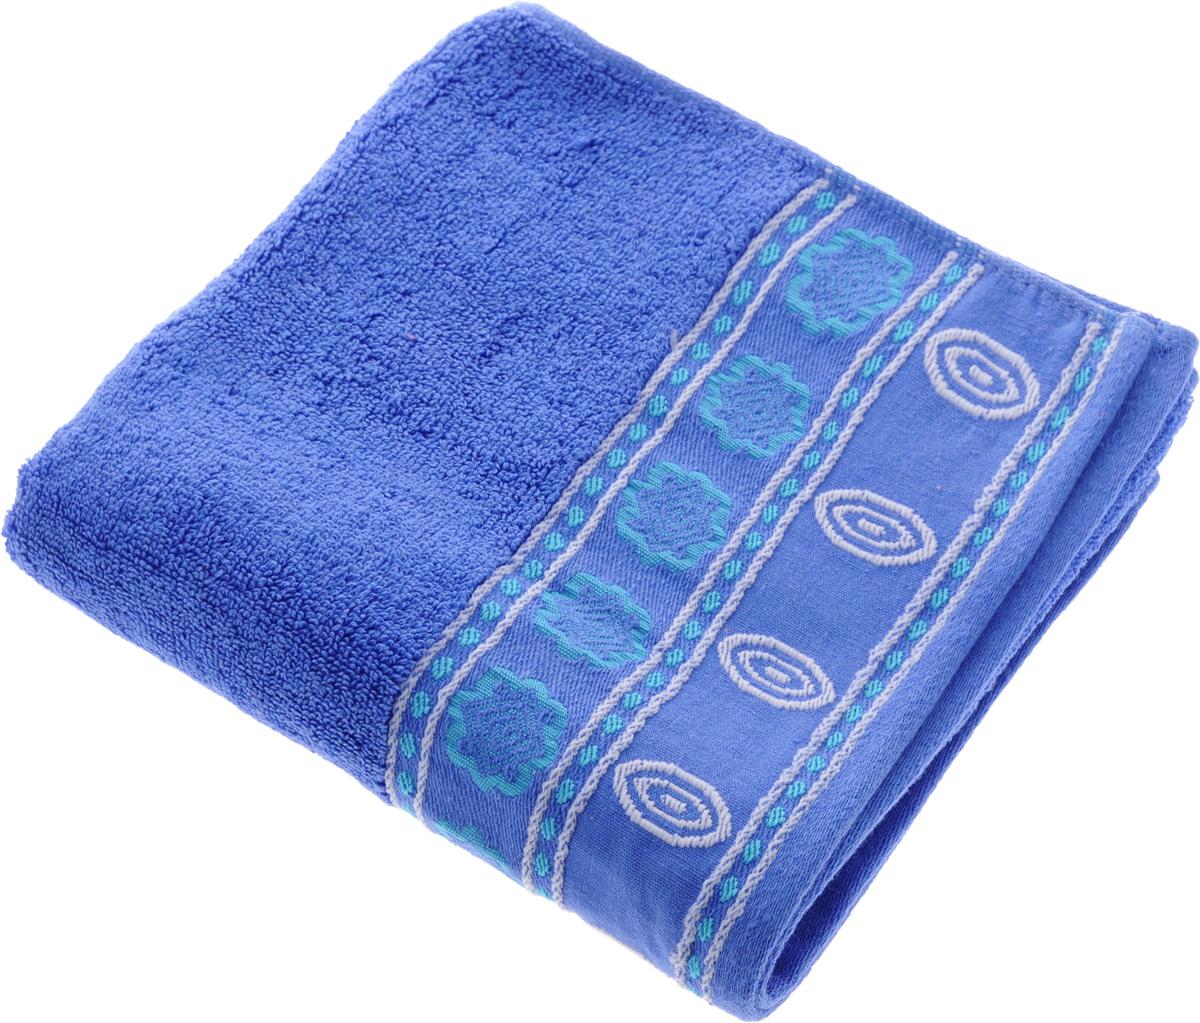 Полотенце Soavita Bruno, цвет: ярко-синий, 50 х 90 см64039Полотенце Soavita Bruno выполнено из 100% хлопка. Изделие отлично впитывает влагу, быстро сохнет, сохраняет яркость цвета и не теряет форму даже после многократных стирок. Полотенце очень практично и неприхотливо в уходе. Оно создаст прекрасное настроение и украсит интерьер в ванной комнате. Рекомендуется стирка при температуре 40°C.